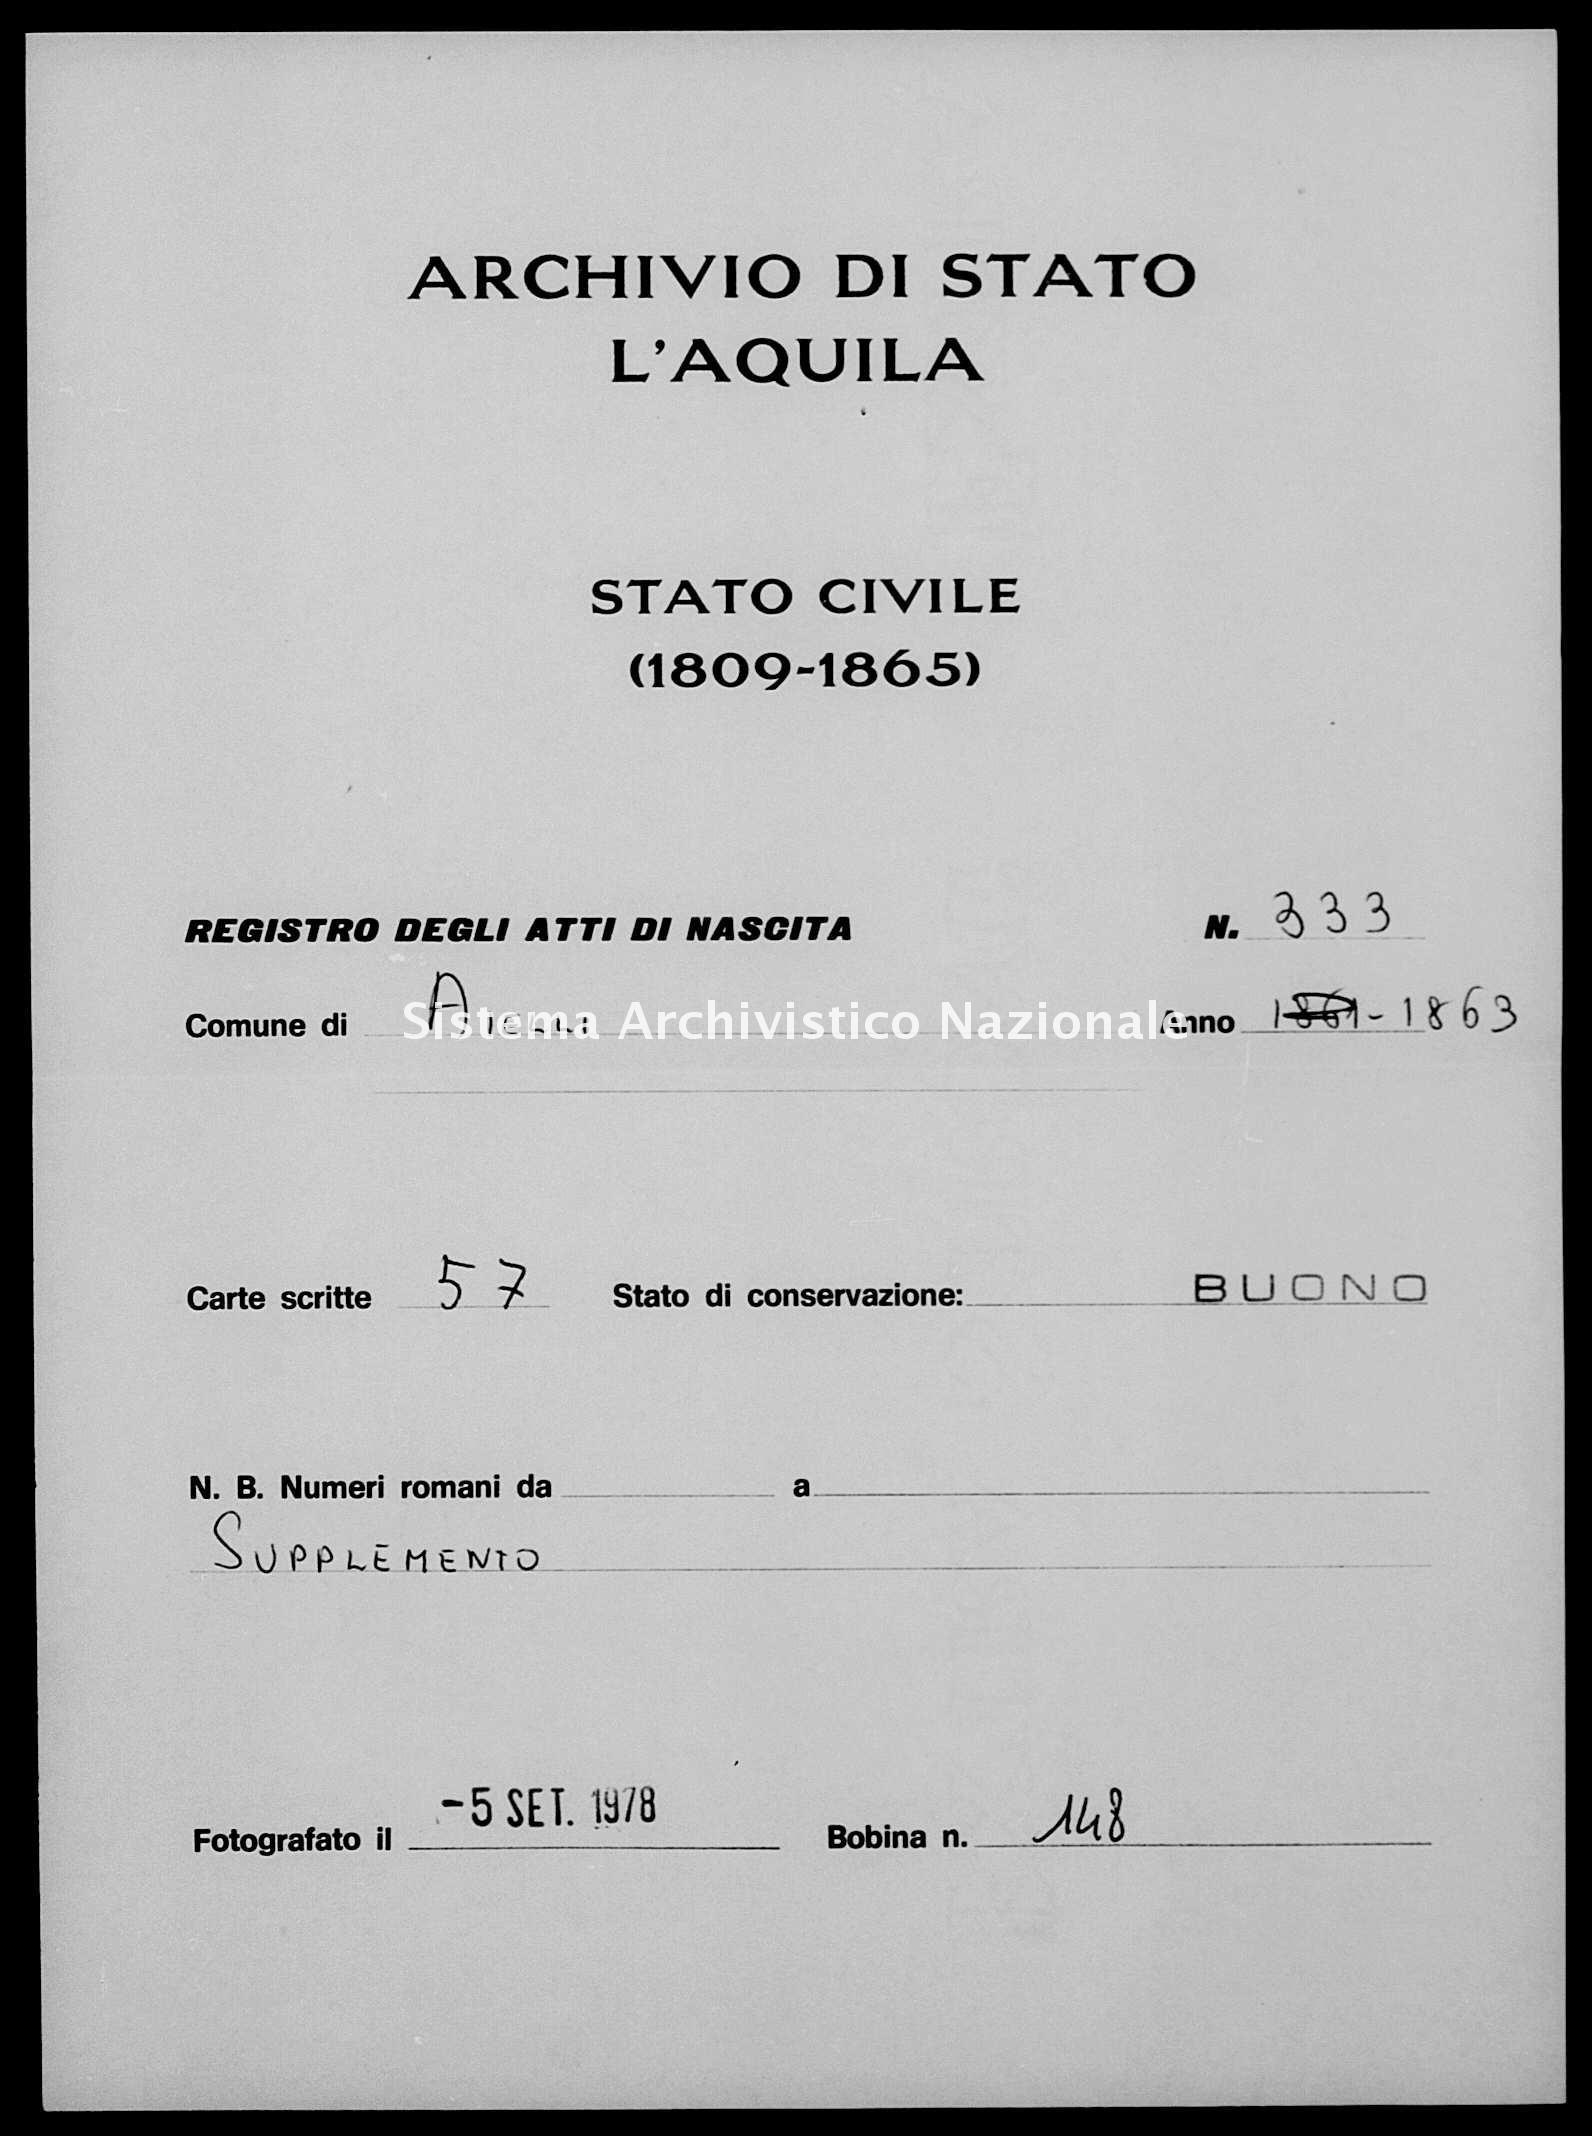 Archivio di stato di L'aquila - Stato civile italiano - Aielli - Nati, battesimi - 1863 - 333 -